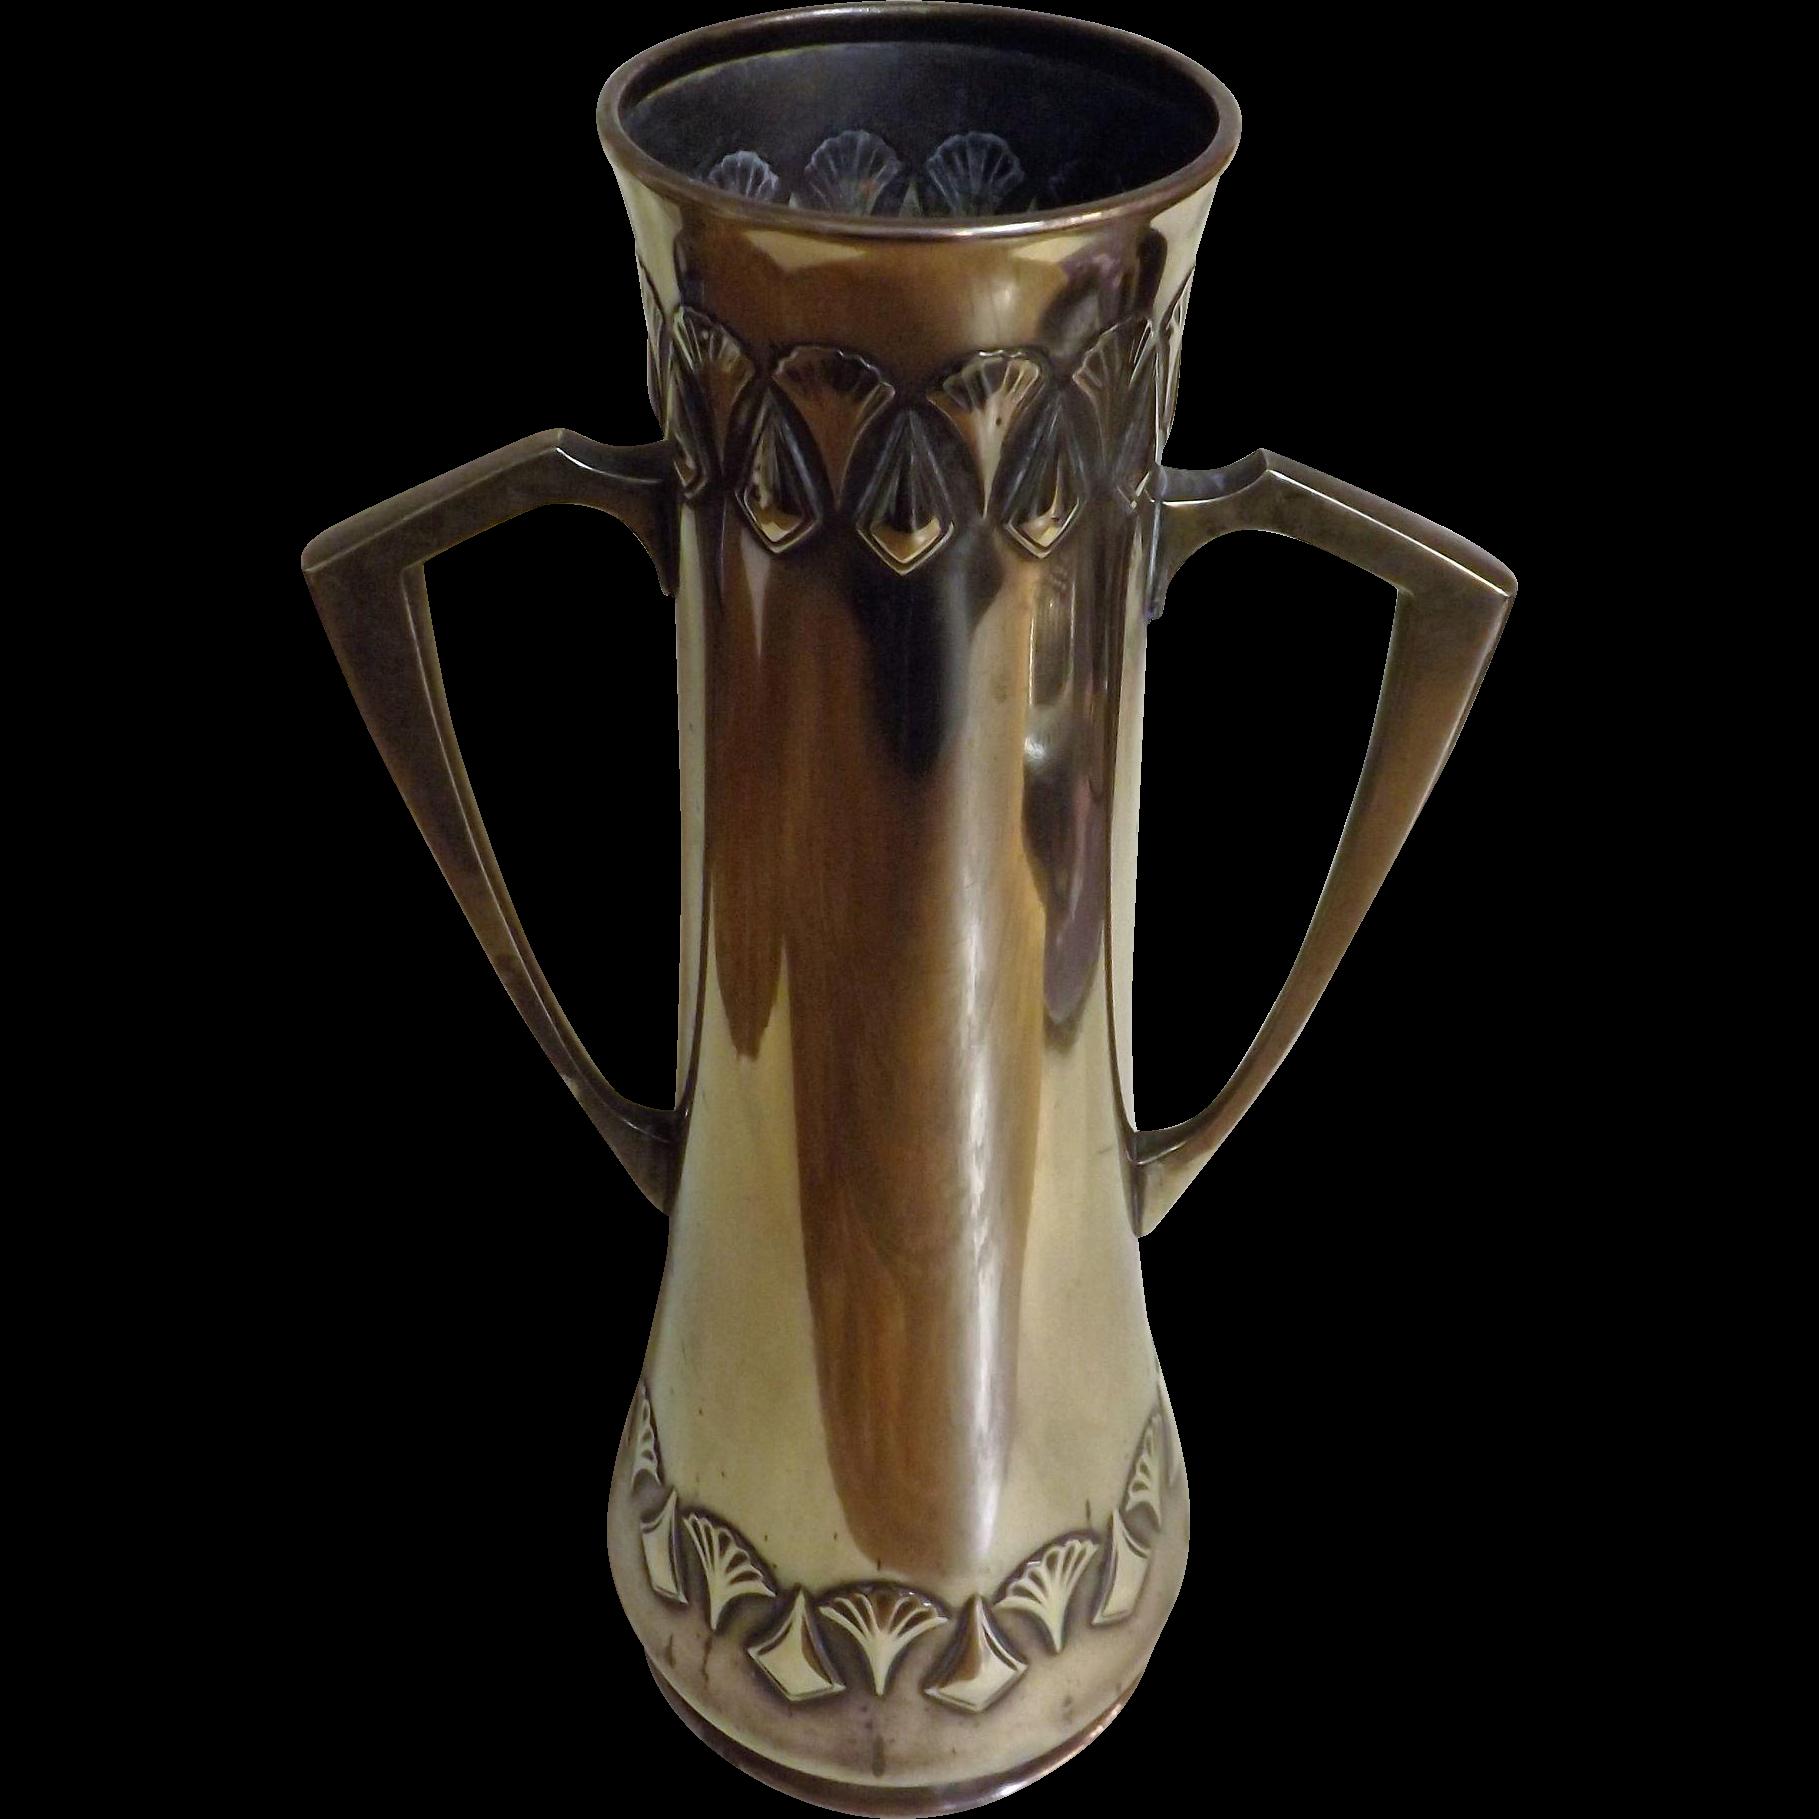 WMF Jugendstil Vase Circa  - Germany 1890- 1910